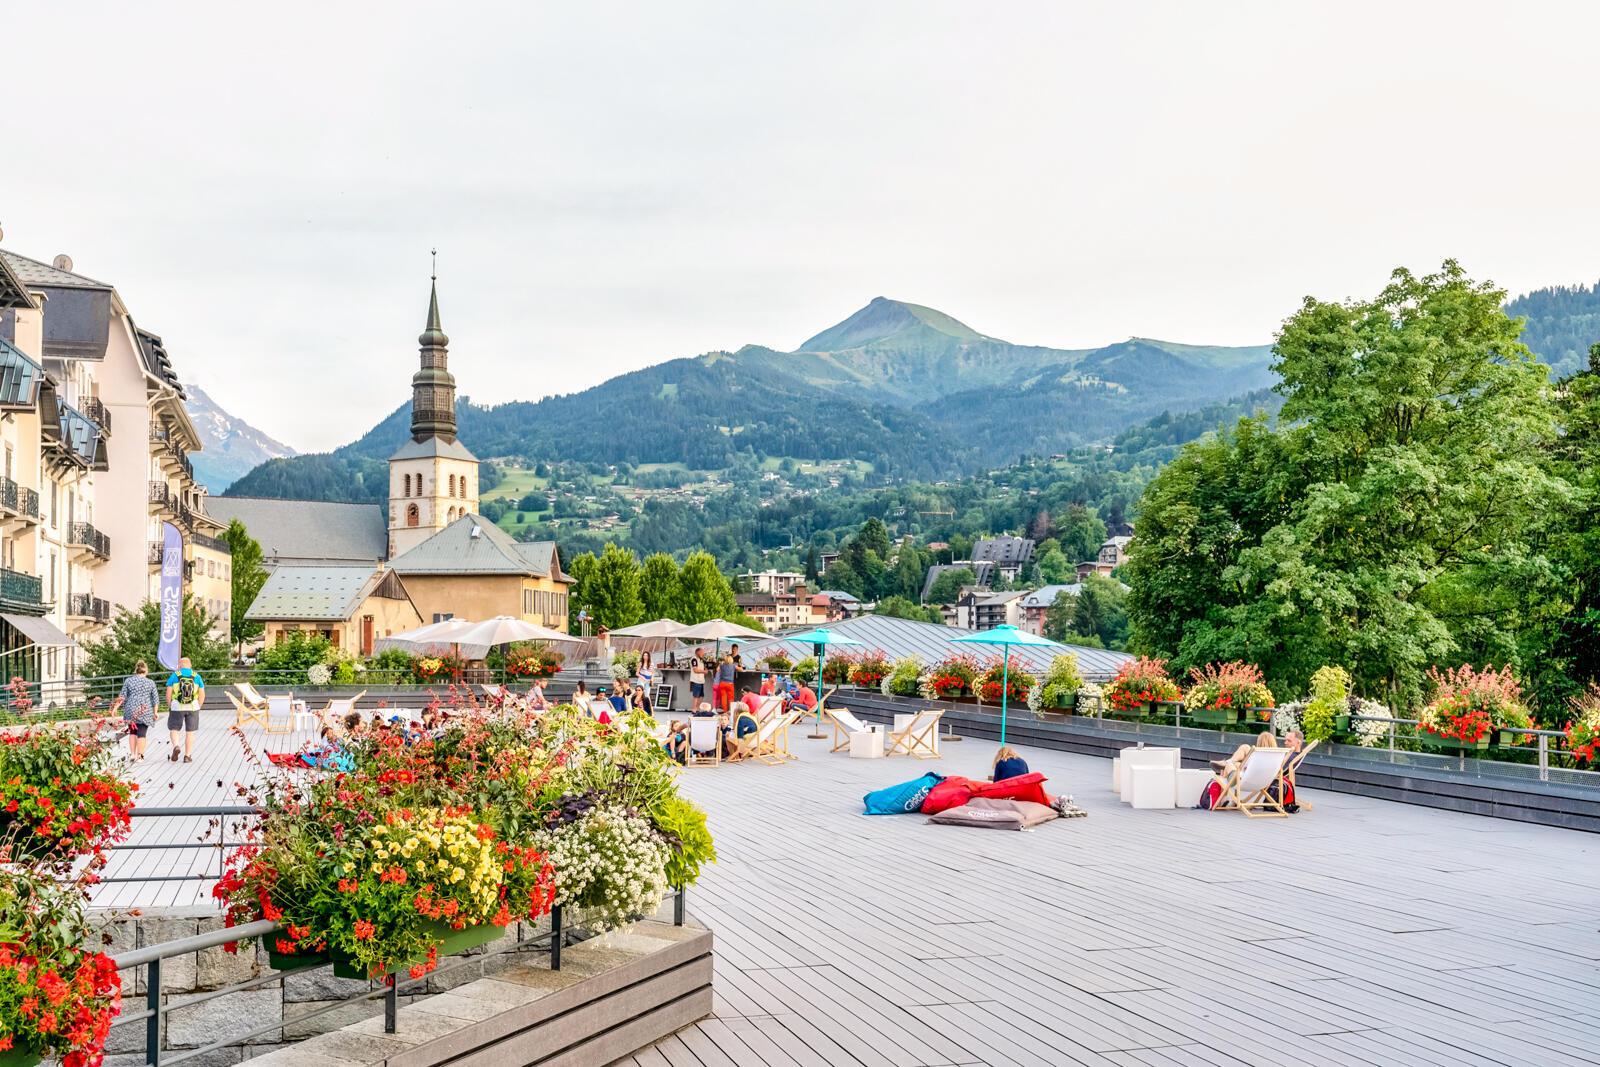 Вид на церковь и центр города Сен-Жерве со стороны эспланады имени Мари Паради, первой женщины-альпинистки.